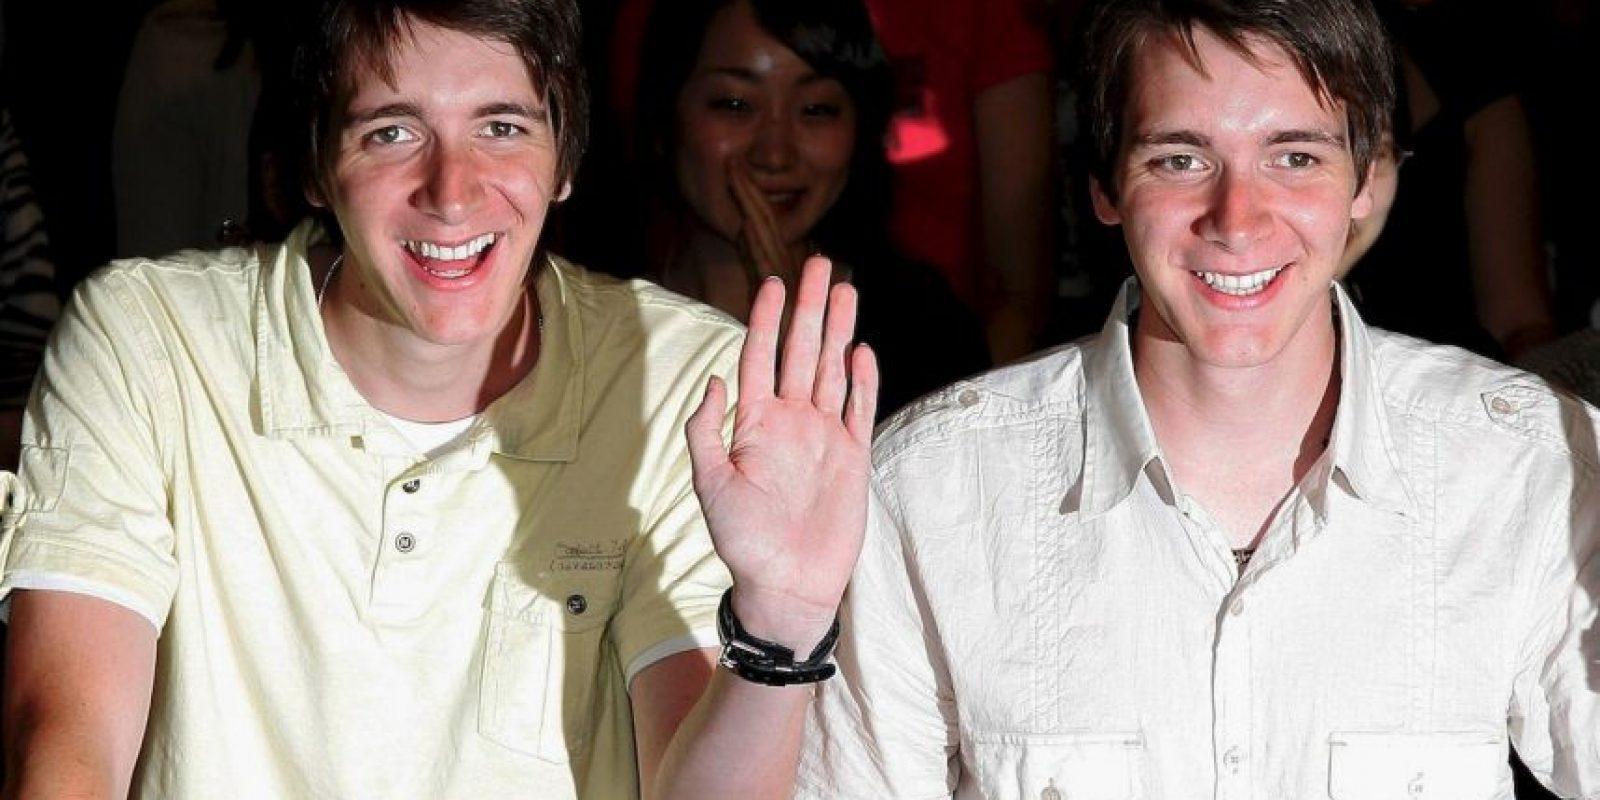 """Luego de trabajar en la franquicia de """"Harry Potter"""", participaron en las cintas """"Jabberwocky Rise"""" y Own Worst Enemy"""". Foto:Getty Images"""